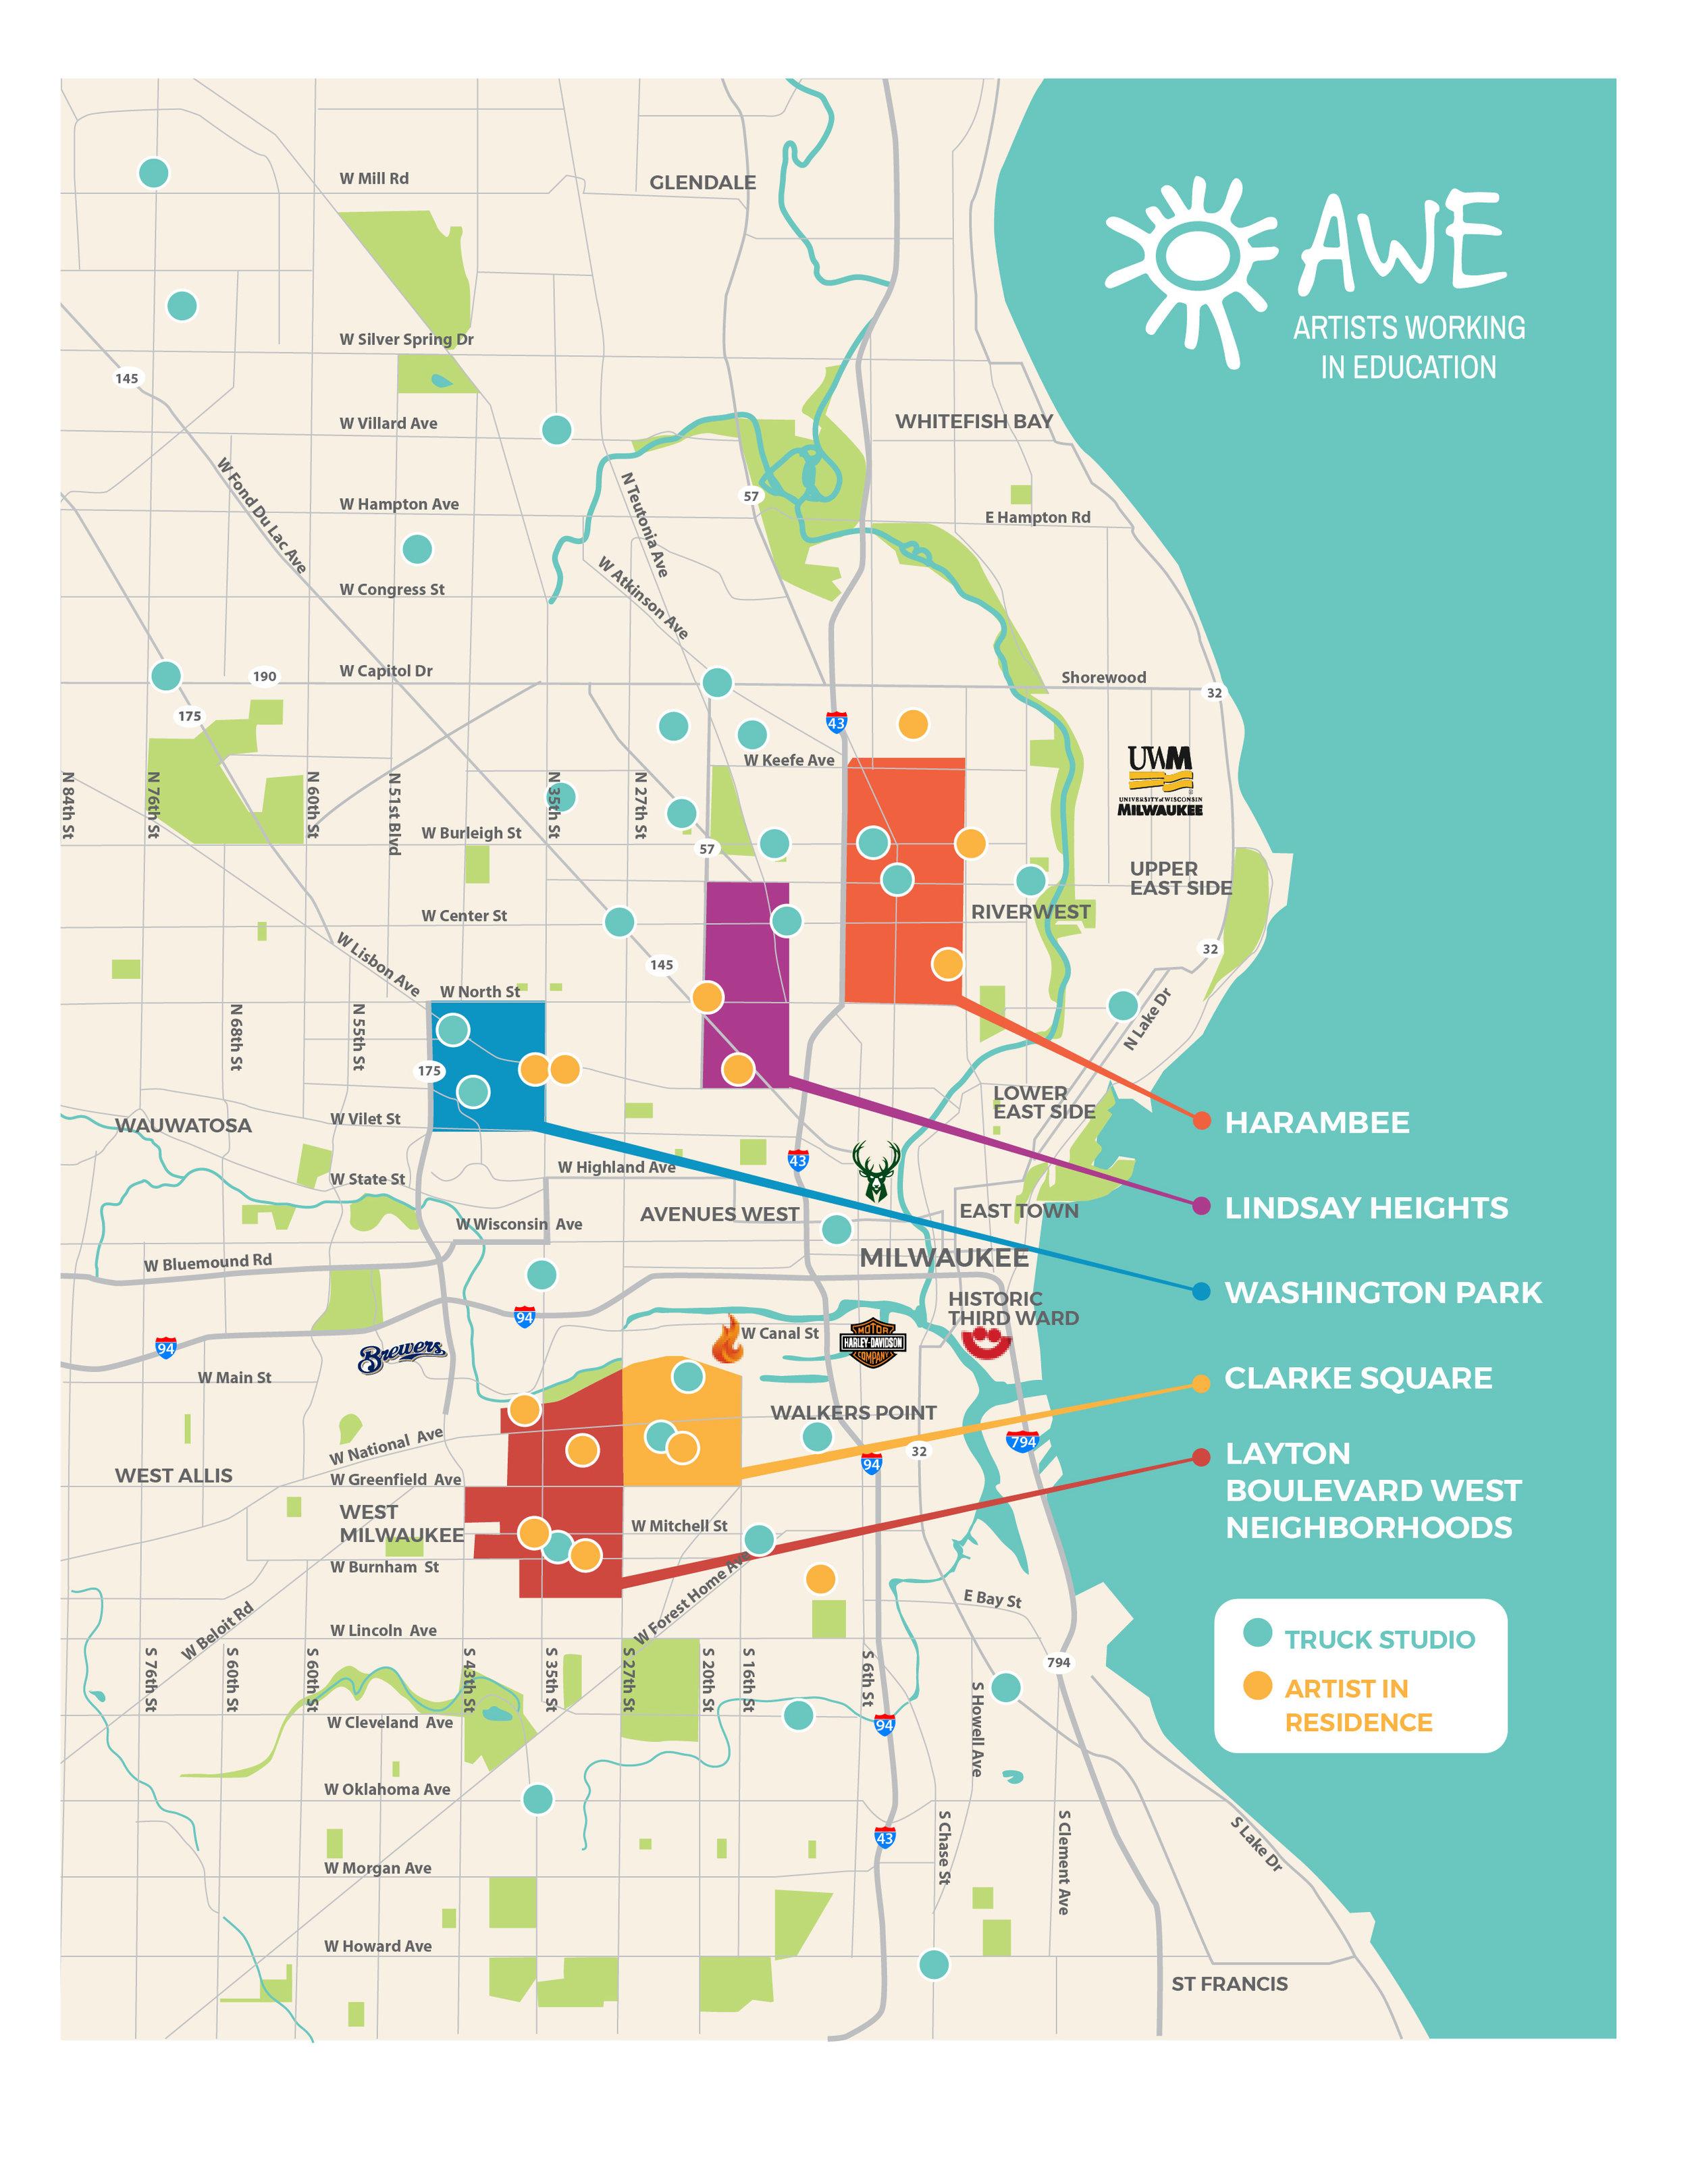 AWE neighborhood map